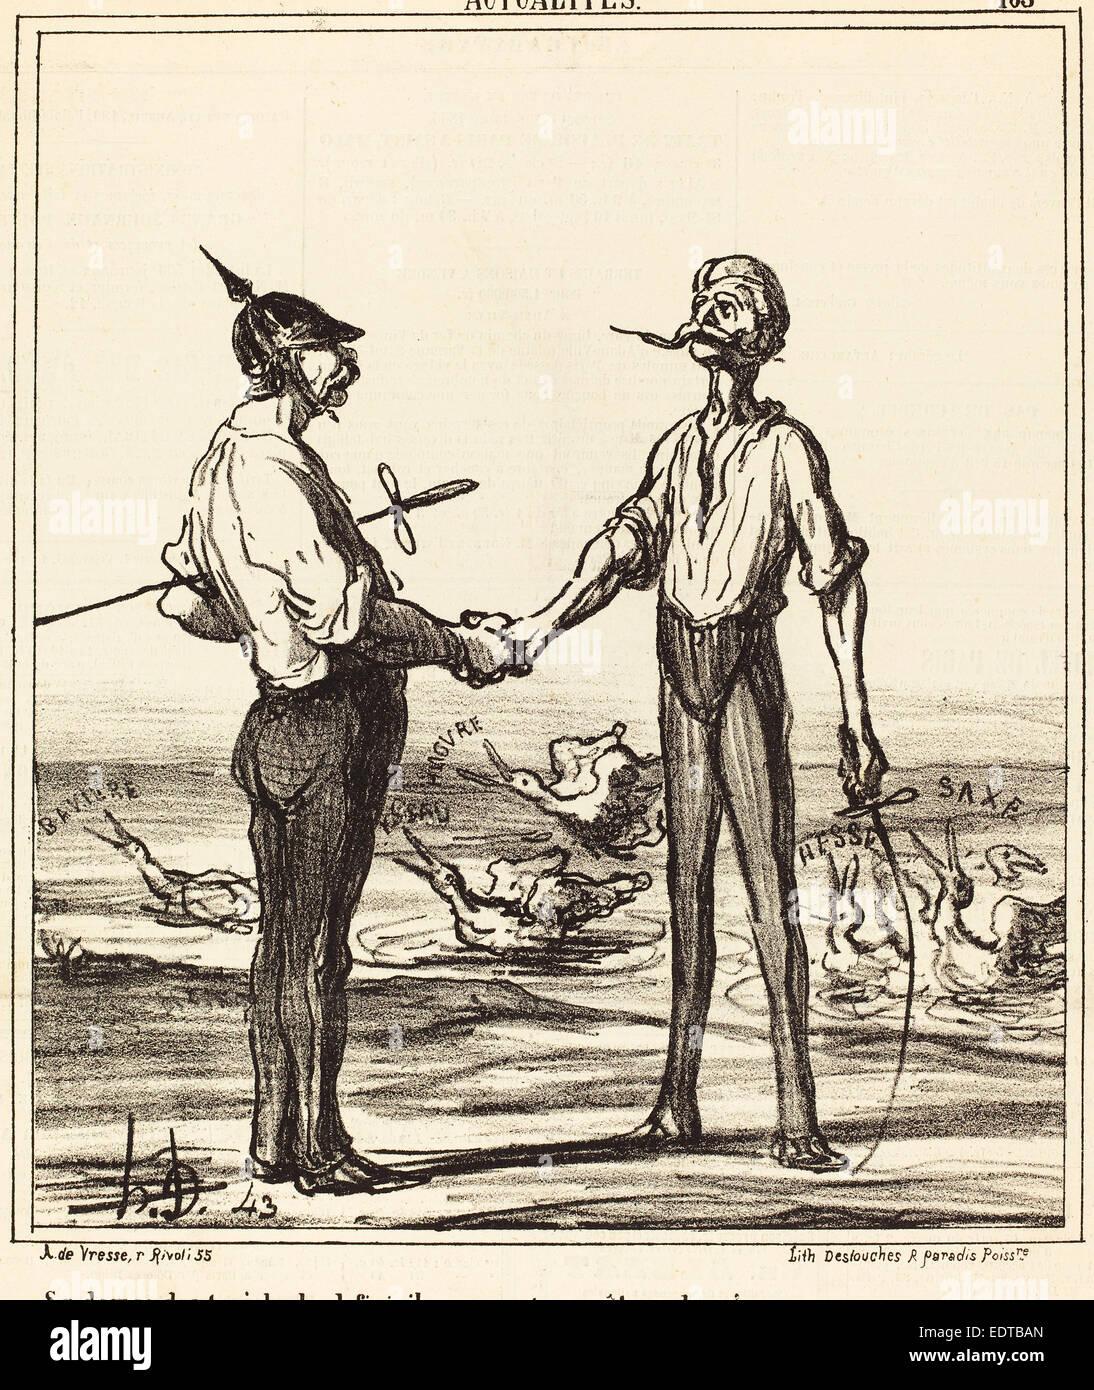 Honoré Daumier (French, 1808 - 1879), Se demandant si, le duel fini, ils ne vont pas etre plumes, 1866, lithograph - Stock Image